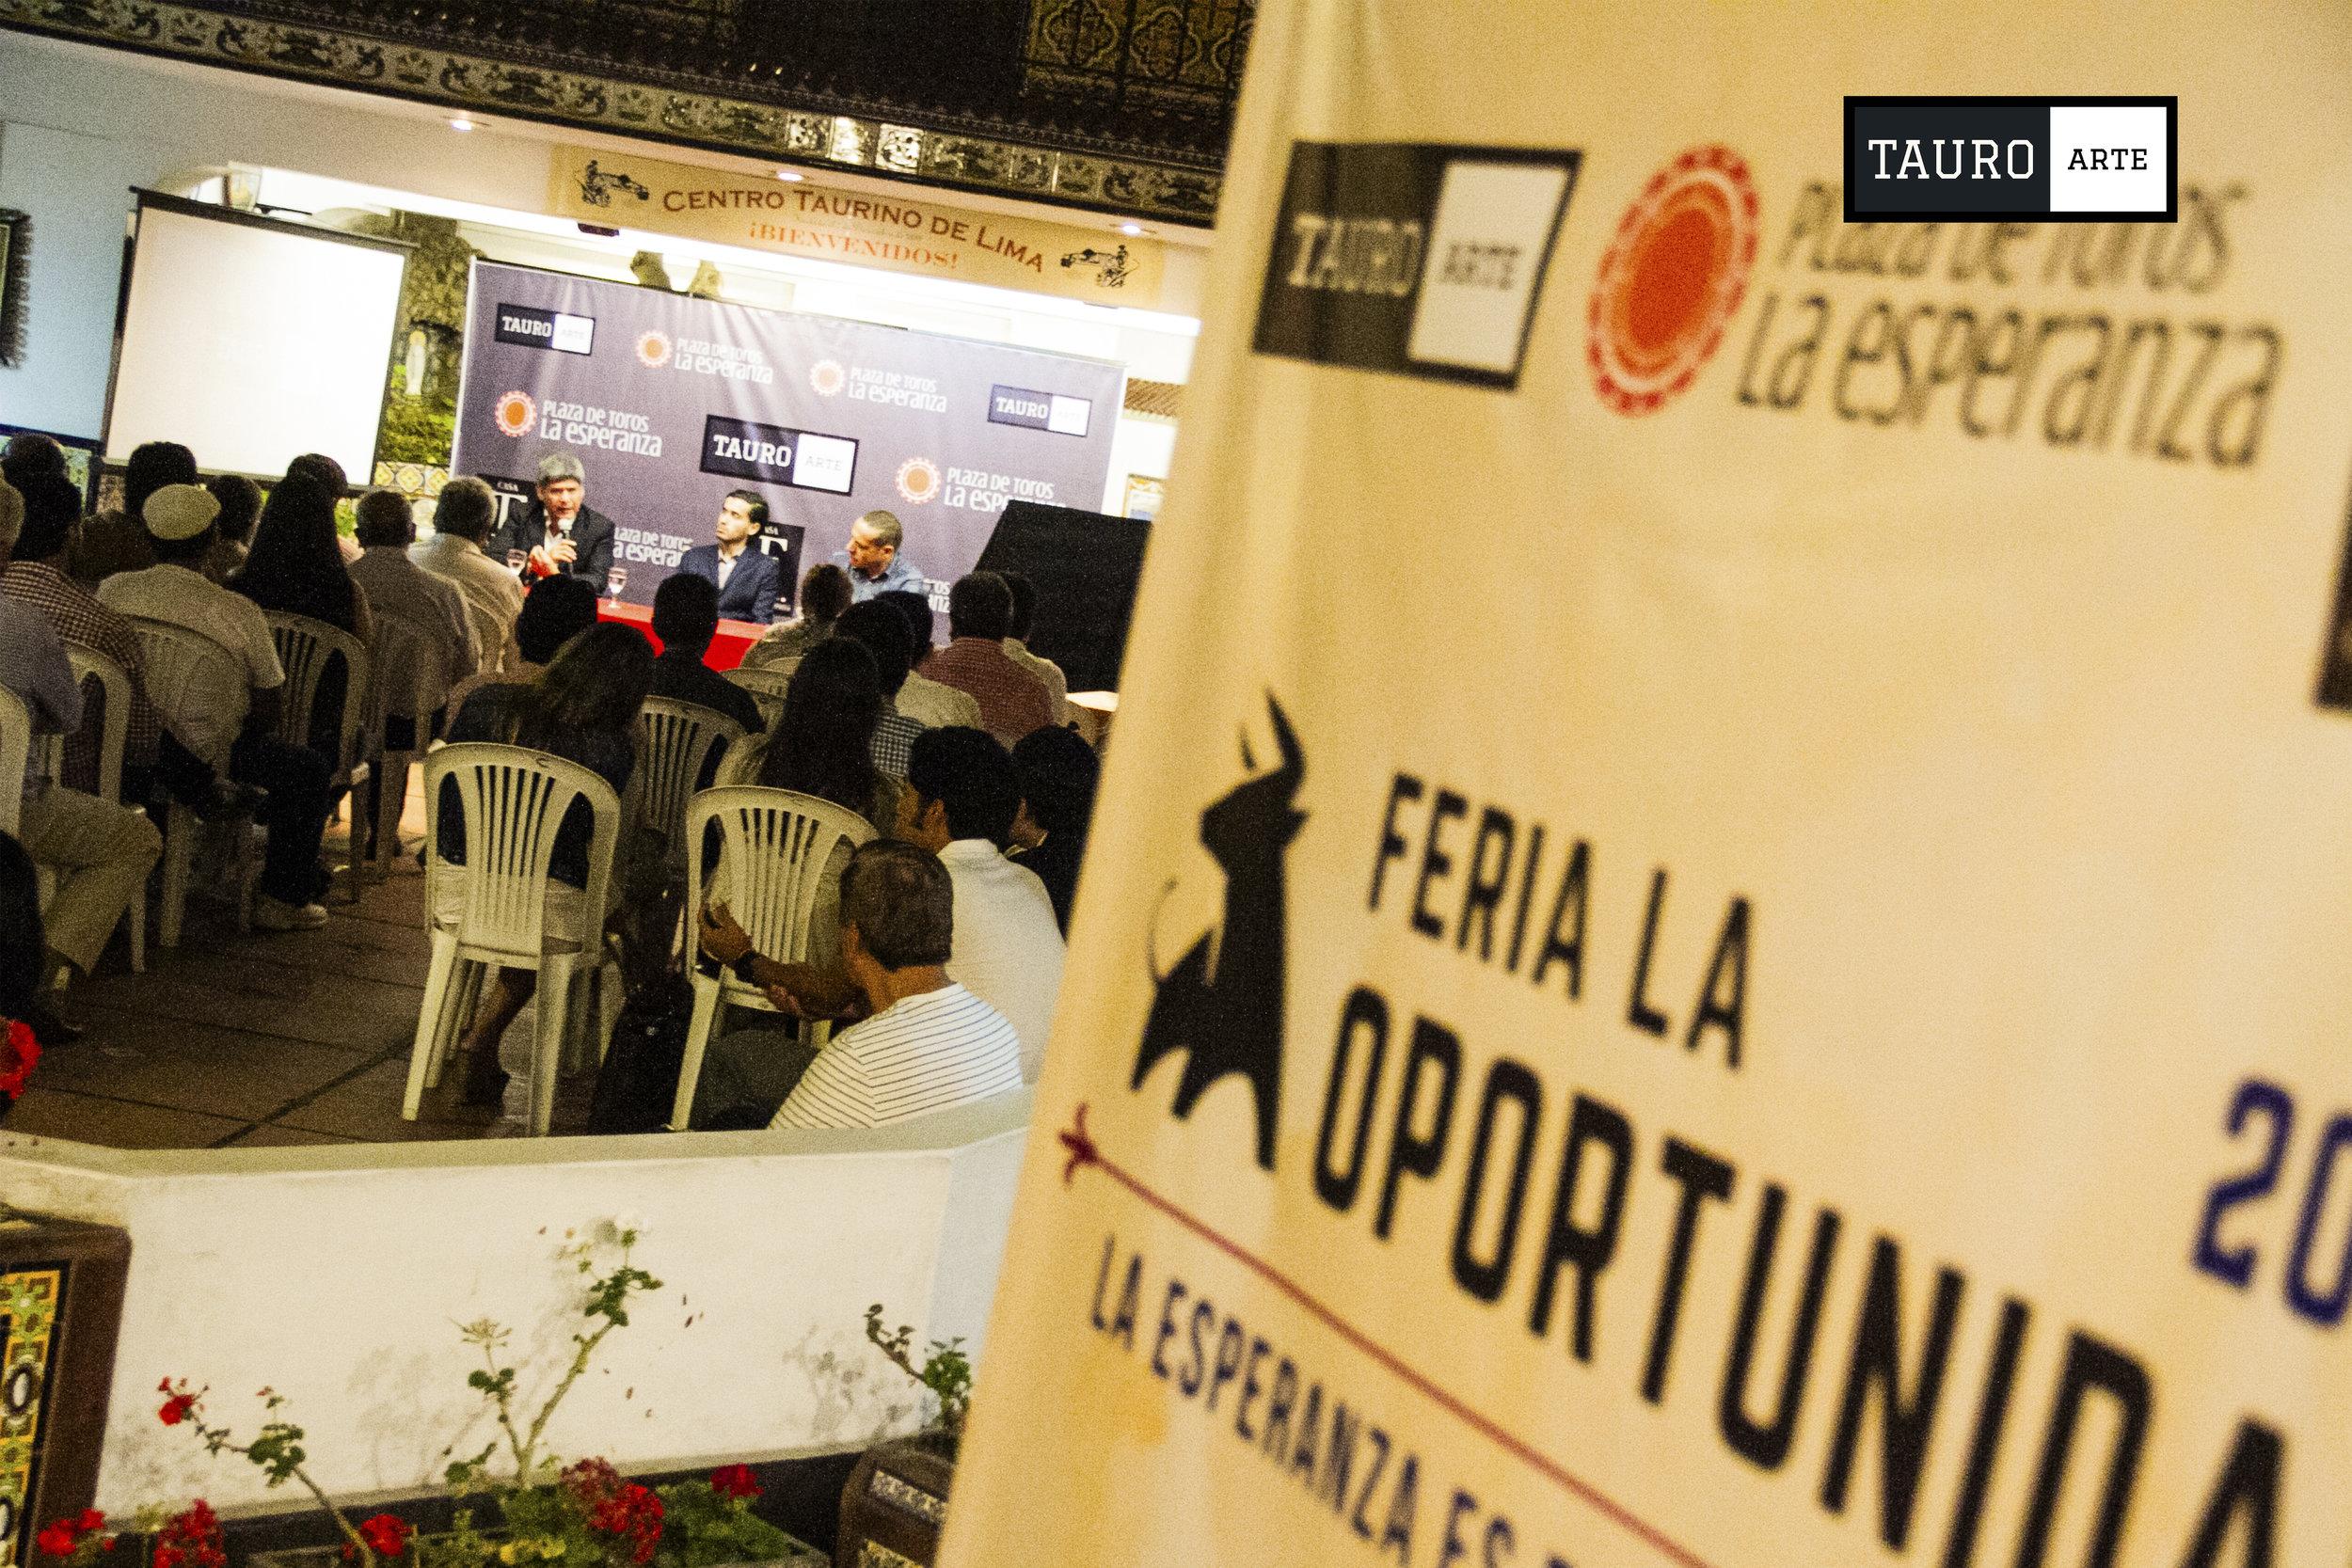 3_Conferecia_Tauroarte.jpg